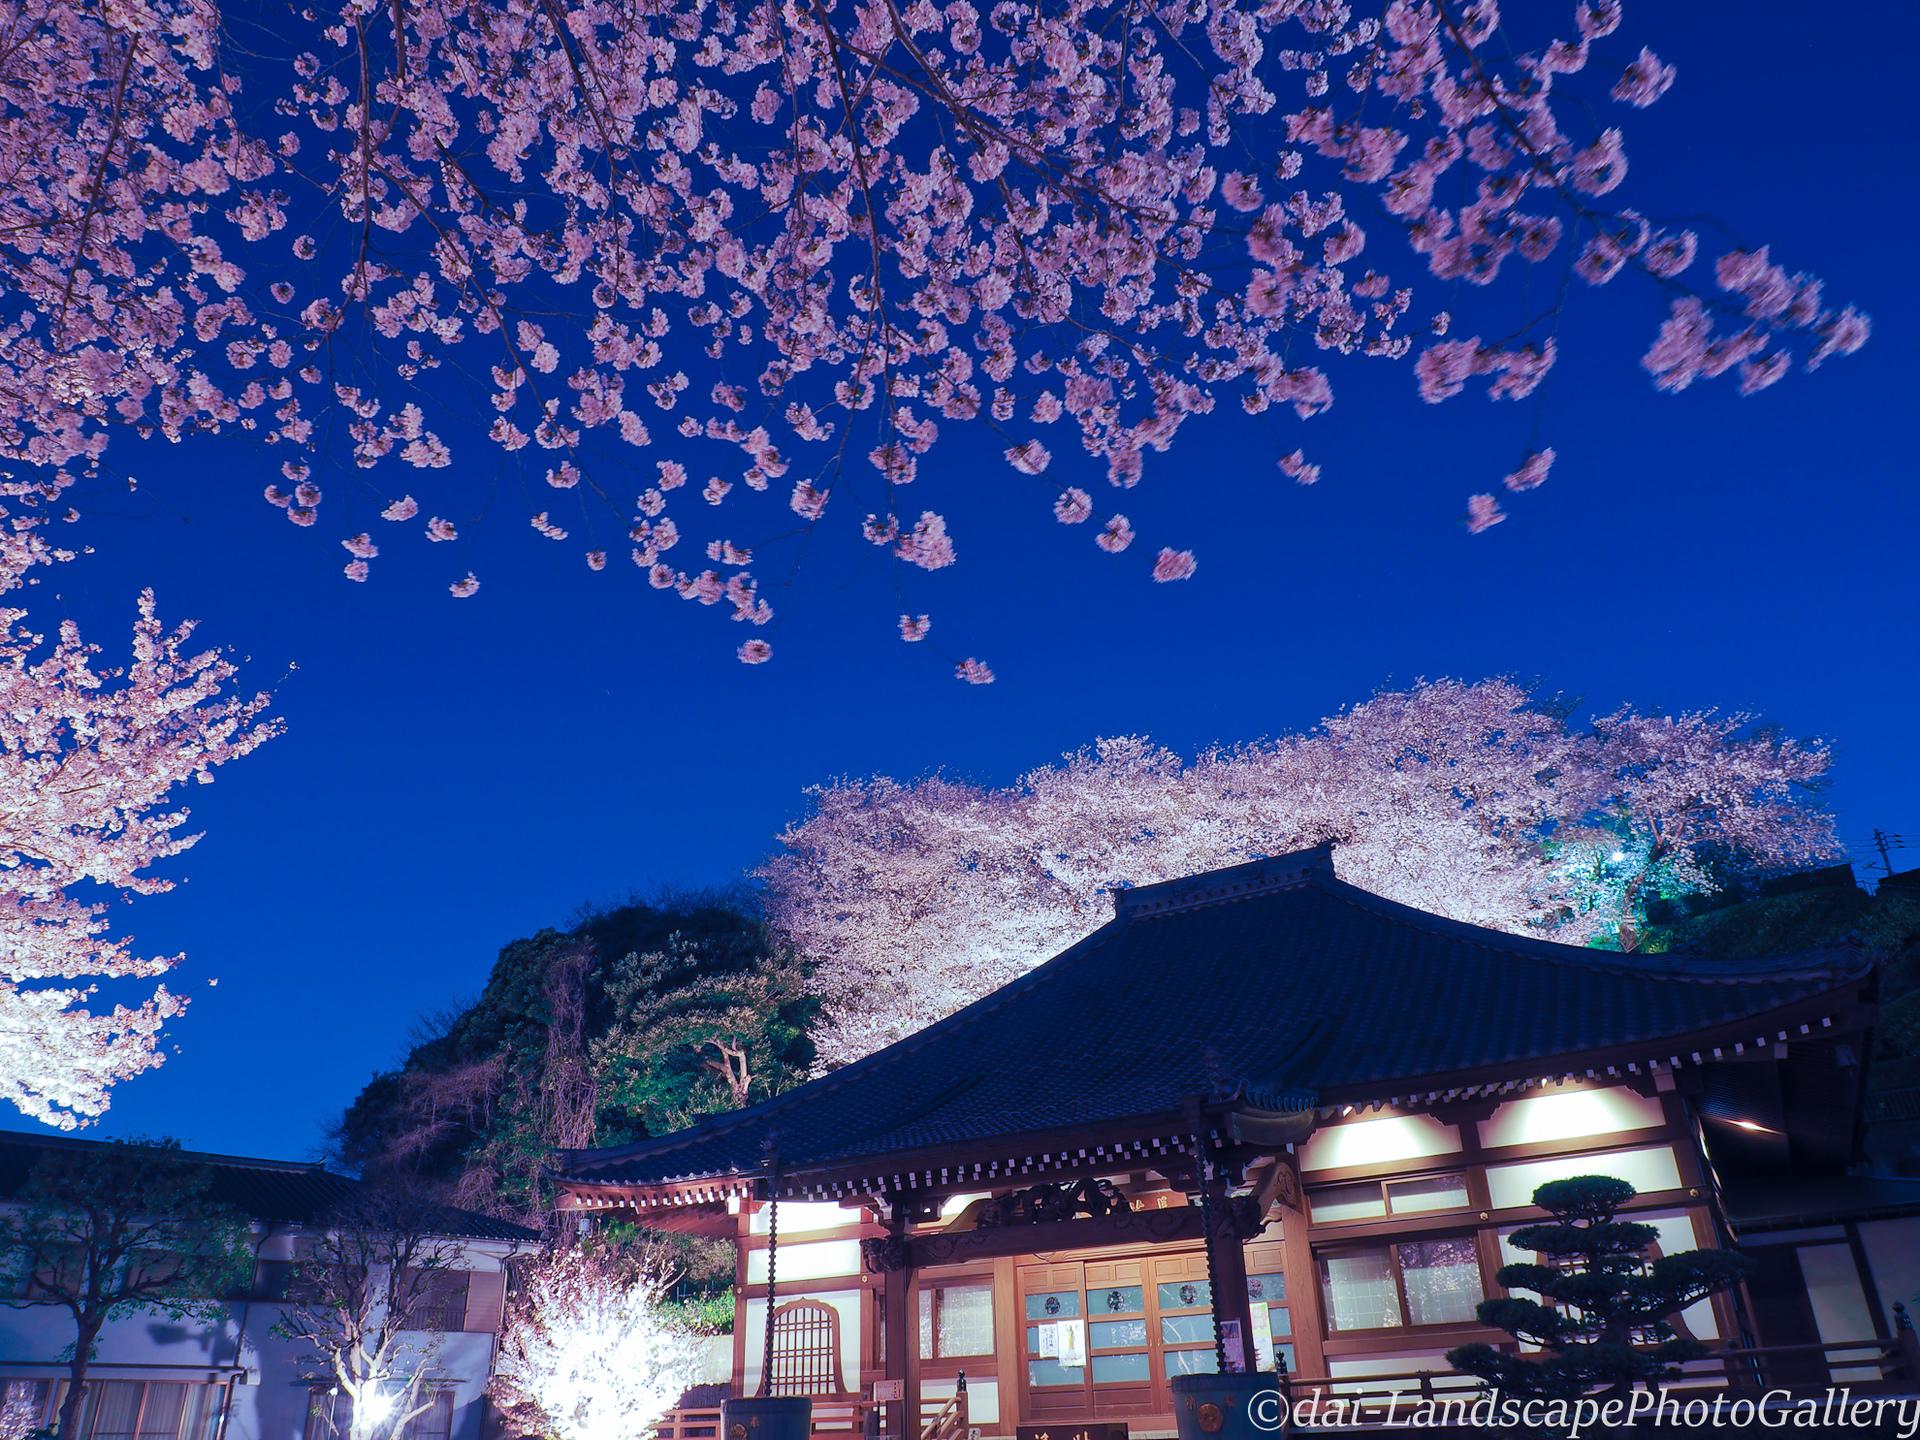 池上養源寺 夜桜風景